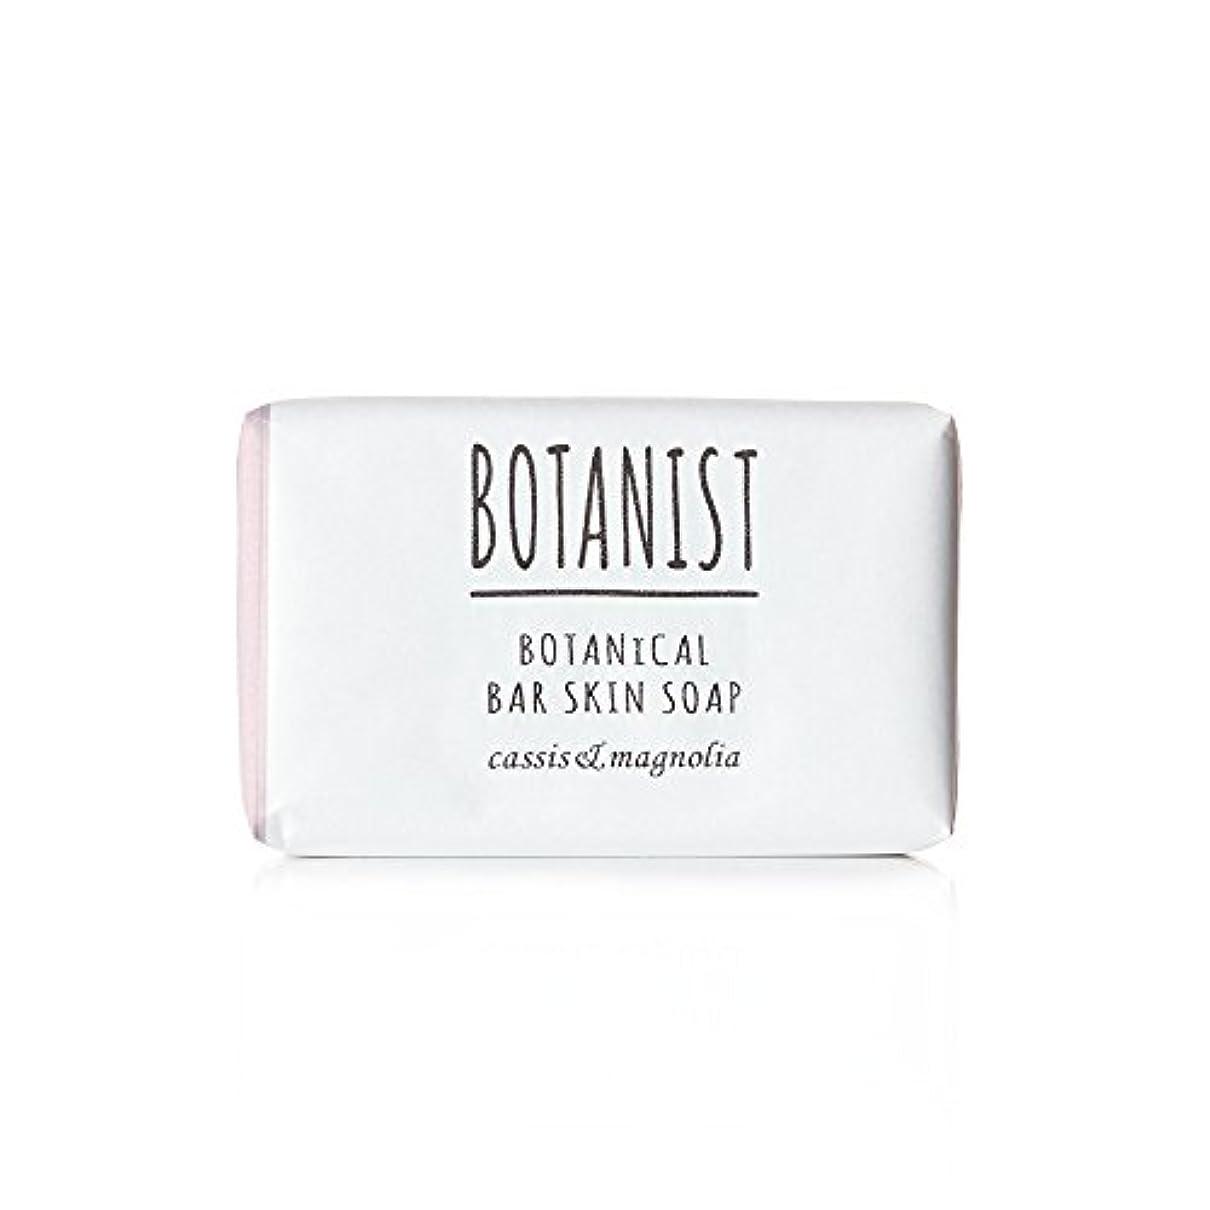 次時間とともに最初はBOTANIST ボタニスト ボタニカル バースキンソープ 100g カシス&マグノリア